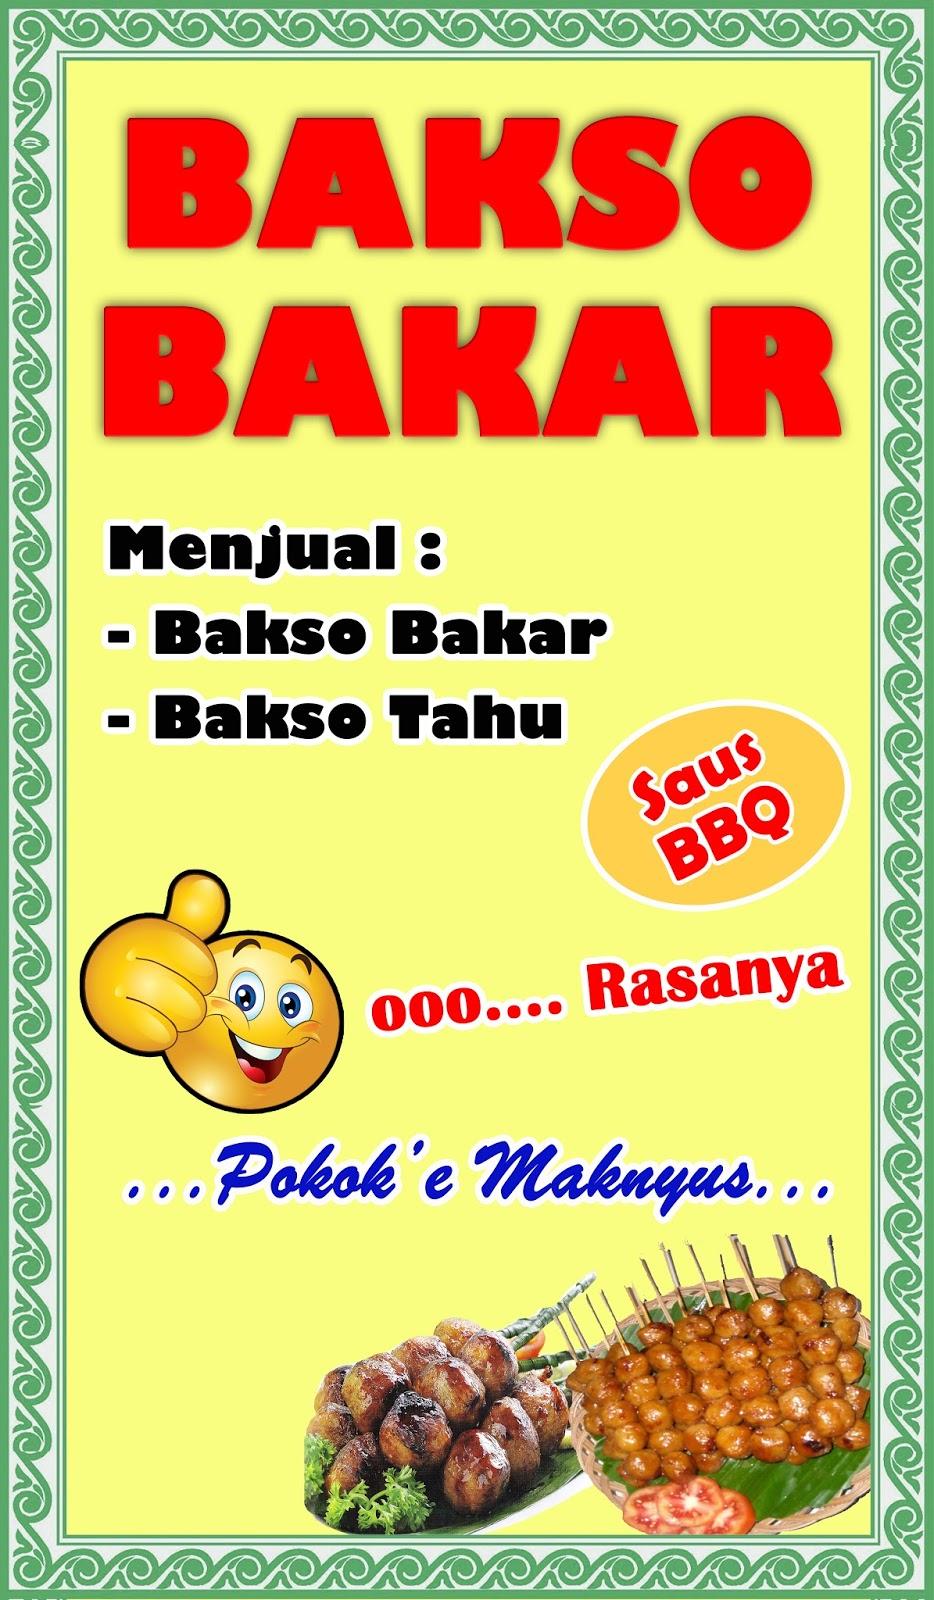 Banner Tahu Bakso Contoh Desain Spanduk